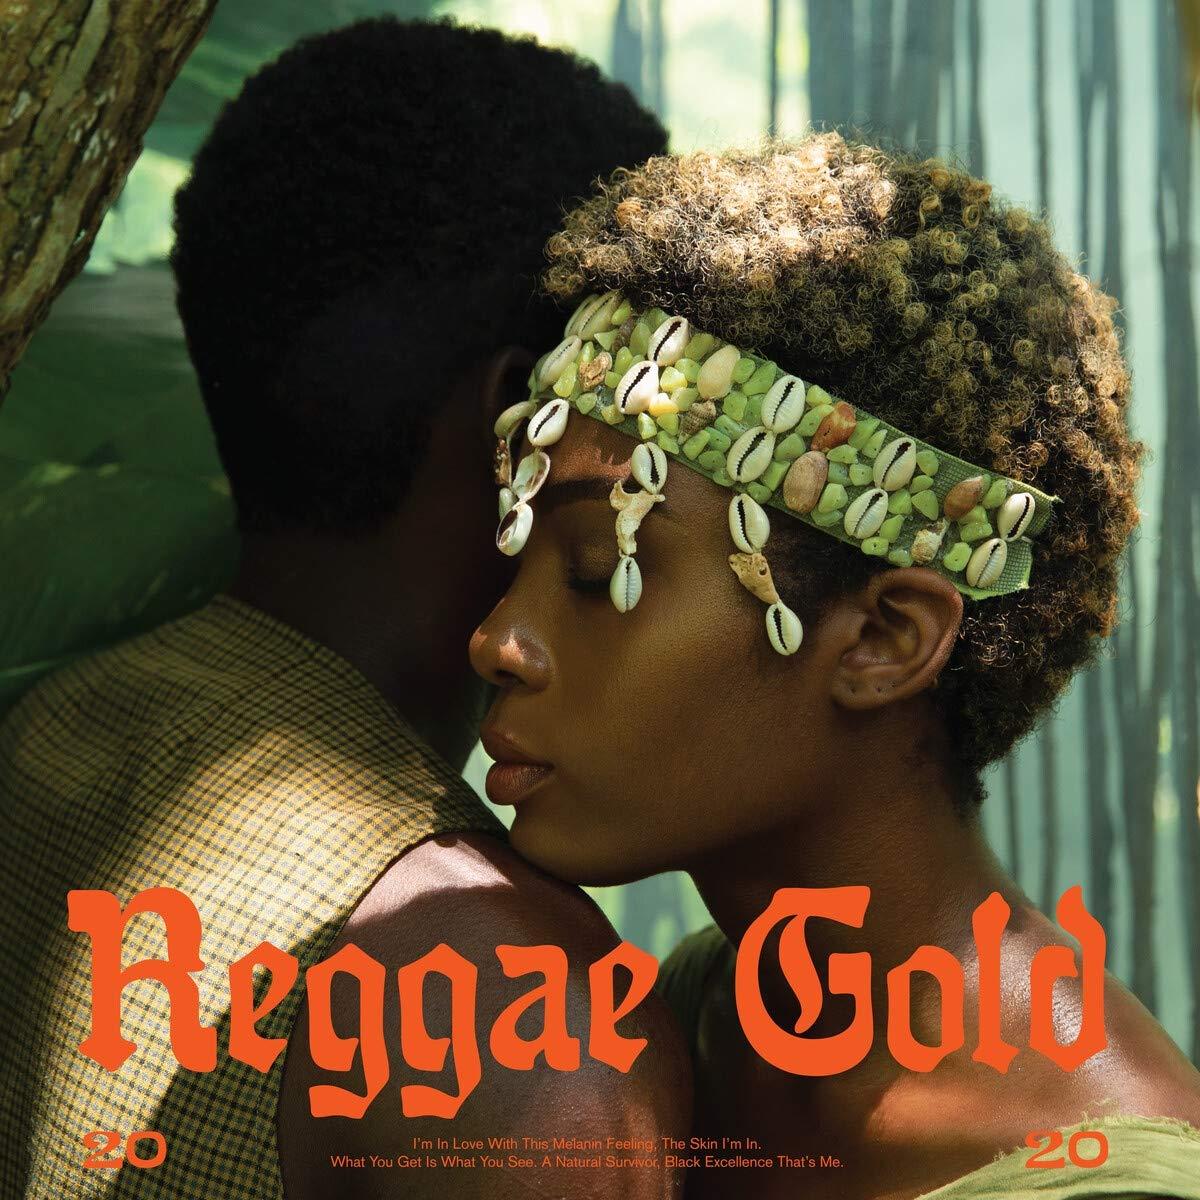 VA - Reggae Gold 2020 (2020) [FLAC] Download